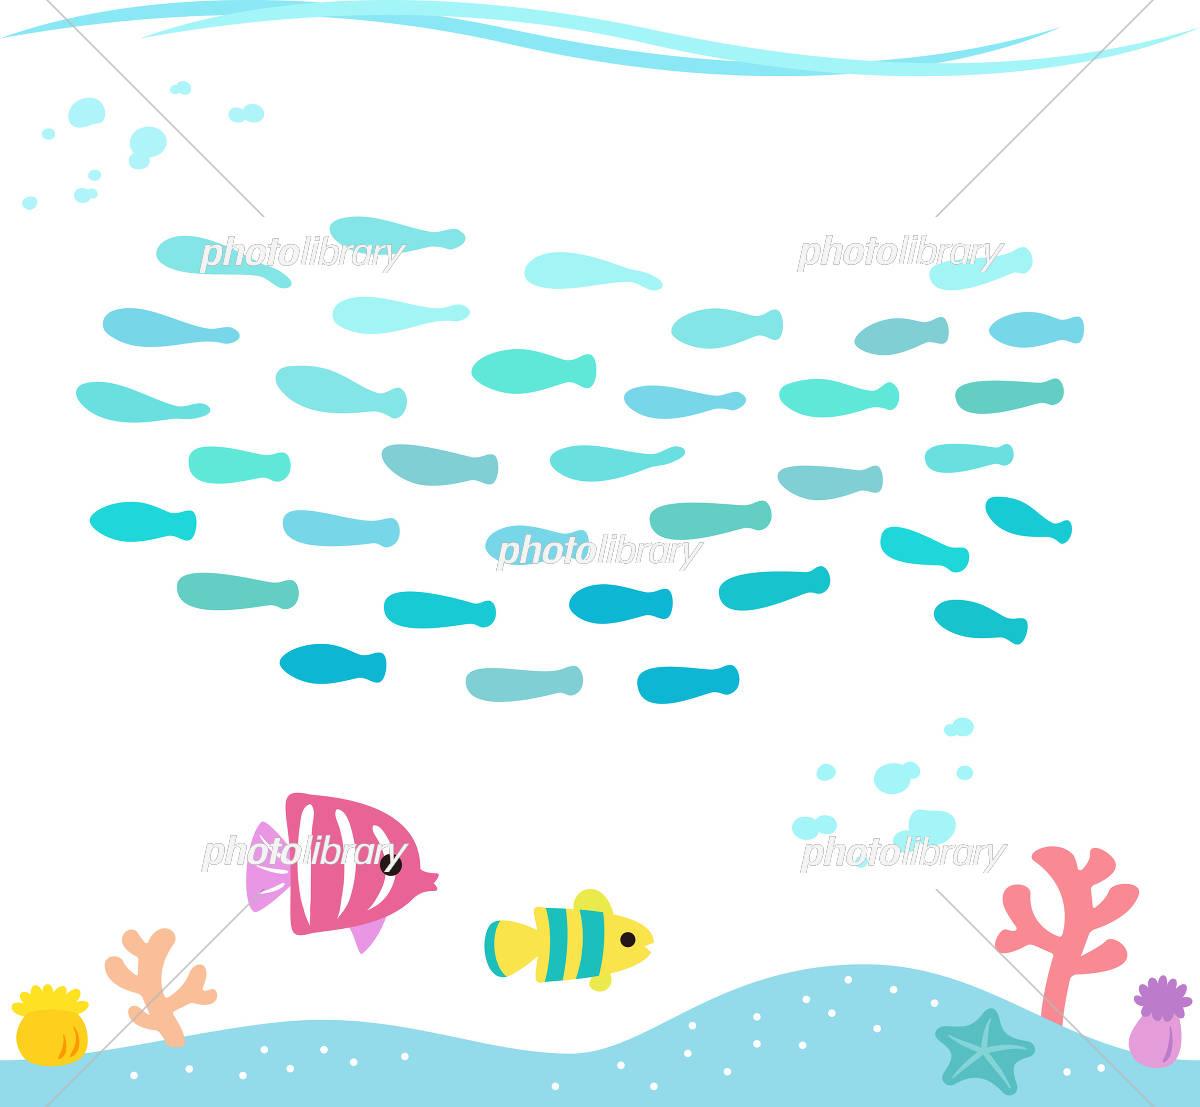 かわいい魚の群れと海底の風景 イラスト素材 [ 5147040 ] - フォトライブ